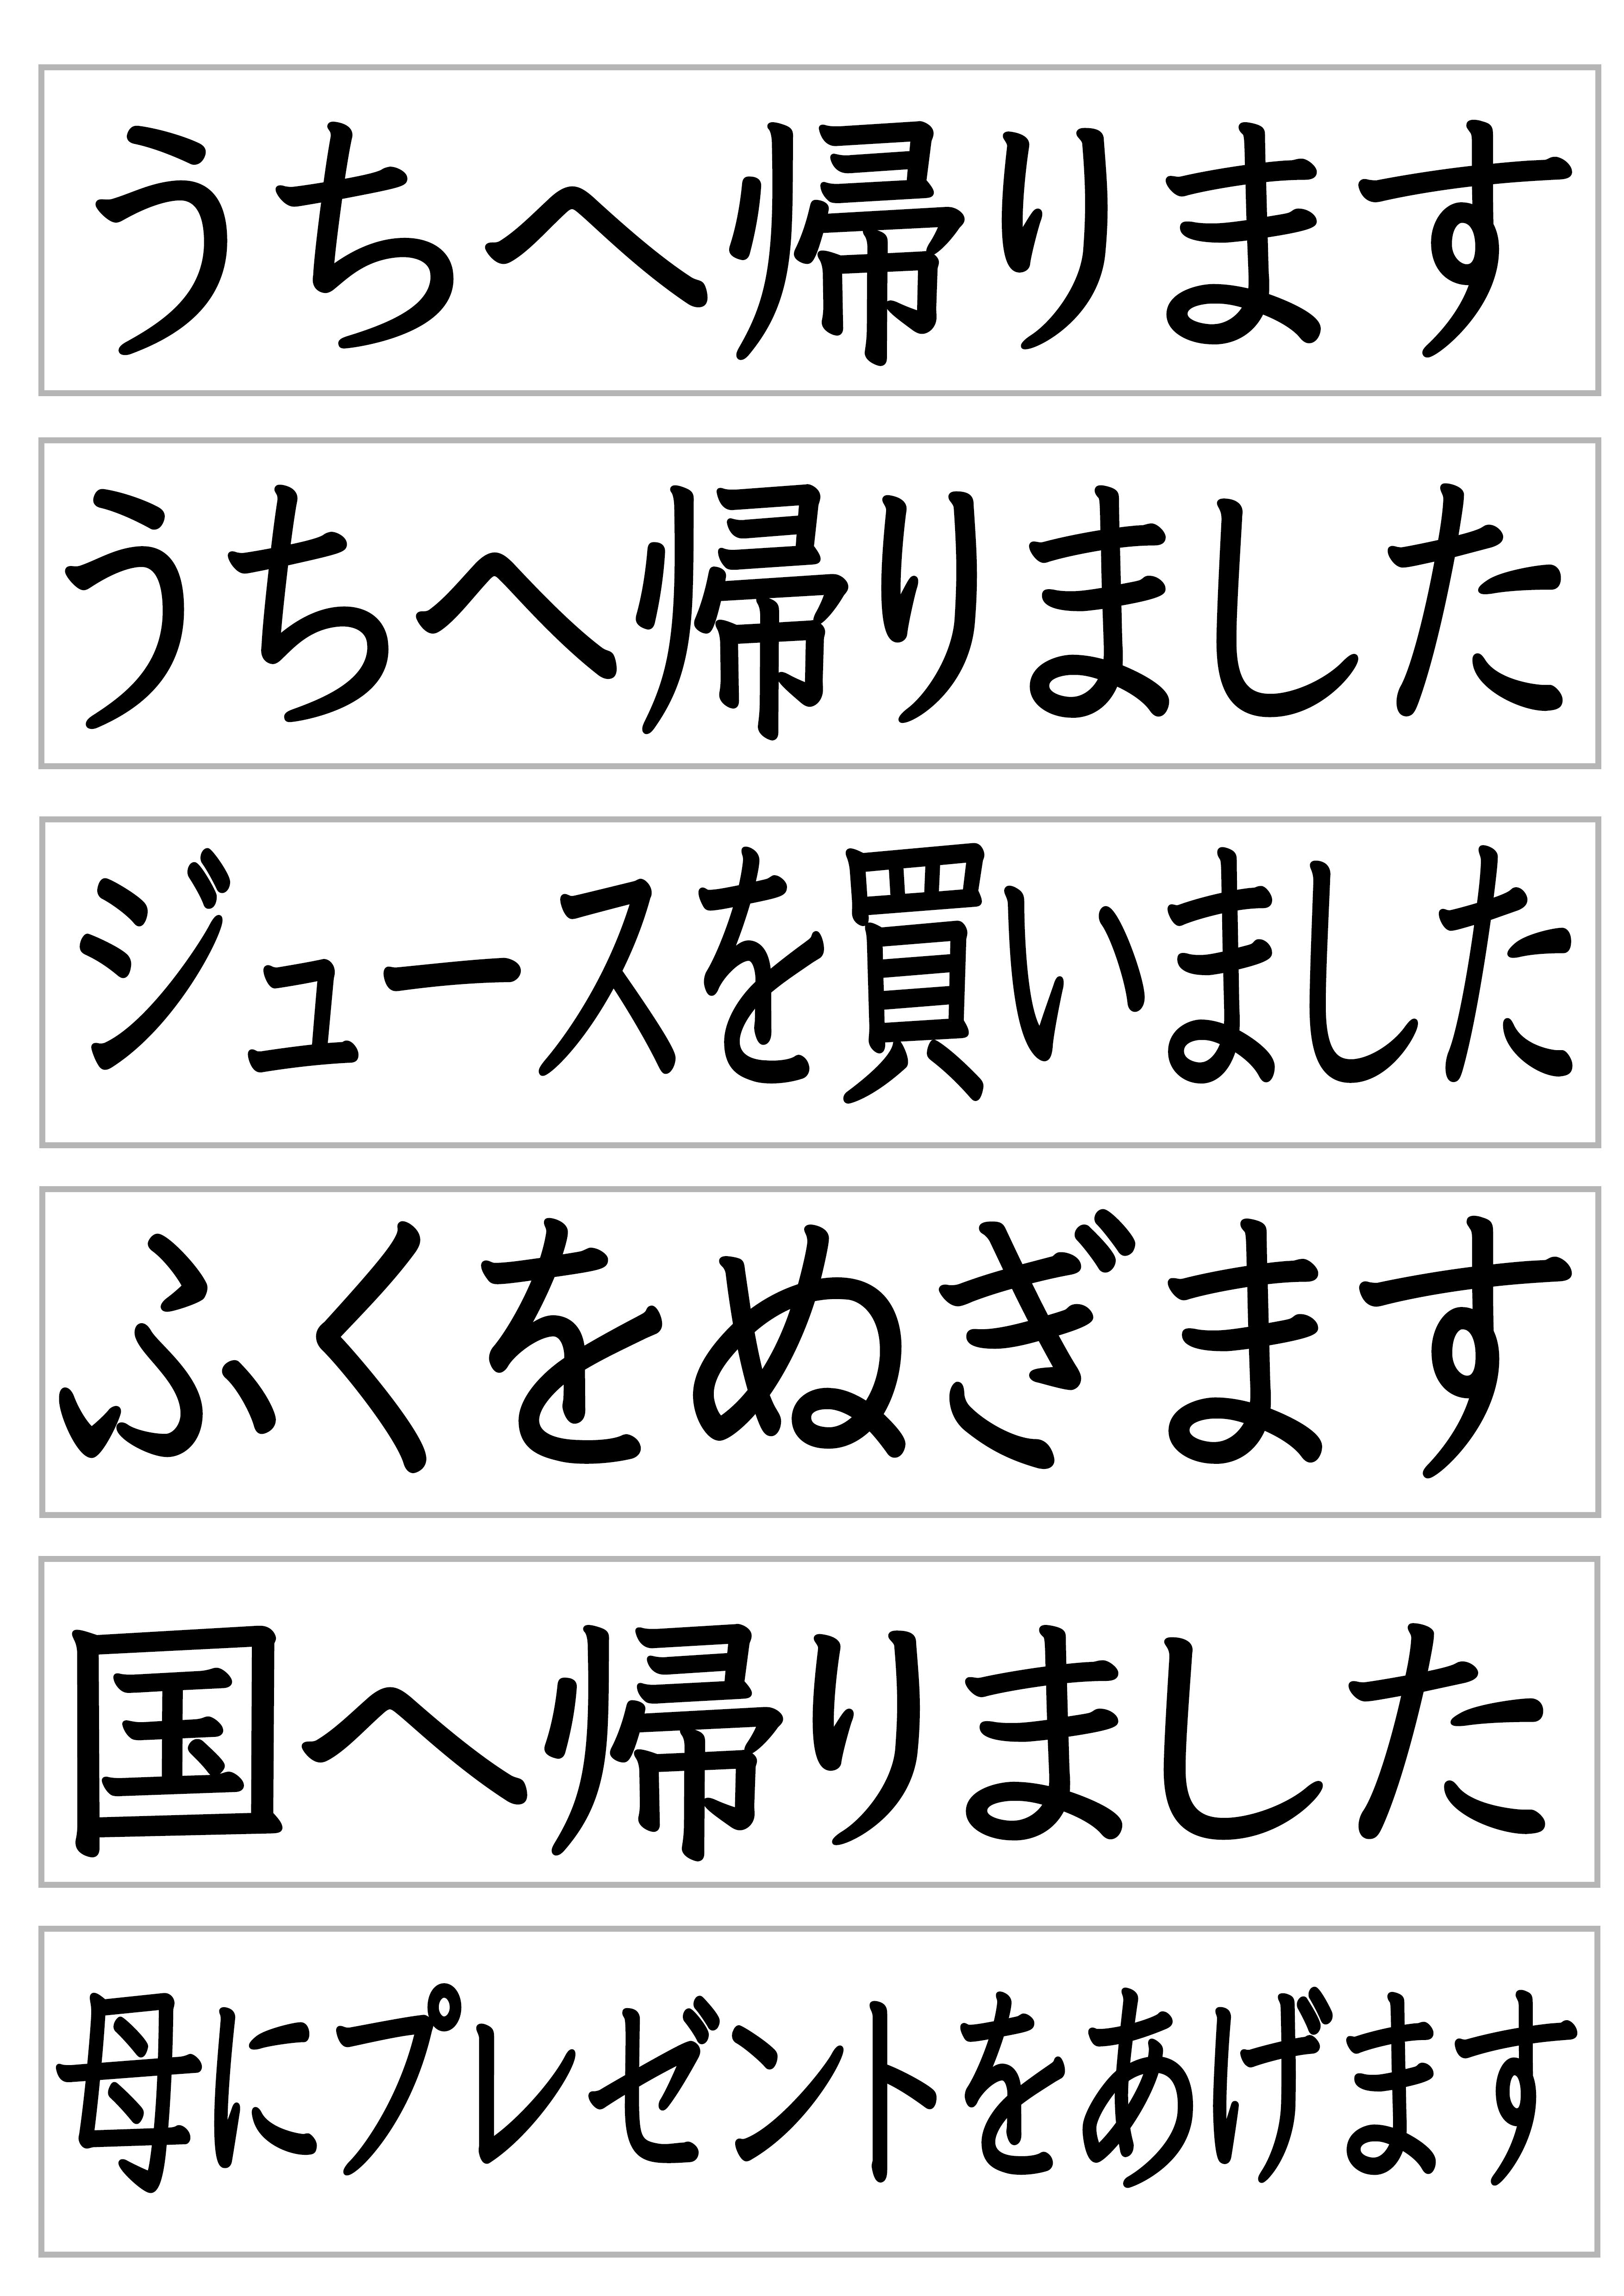 23課-変形練習